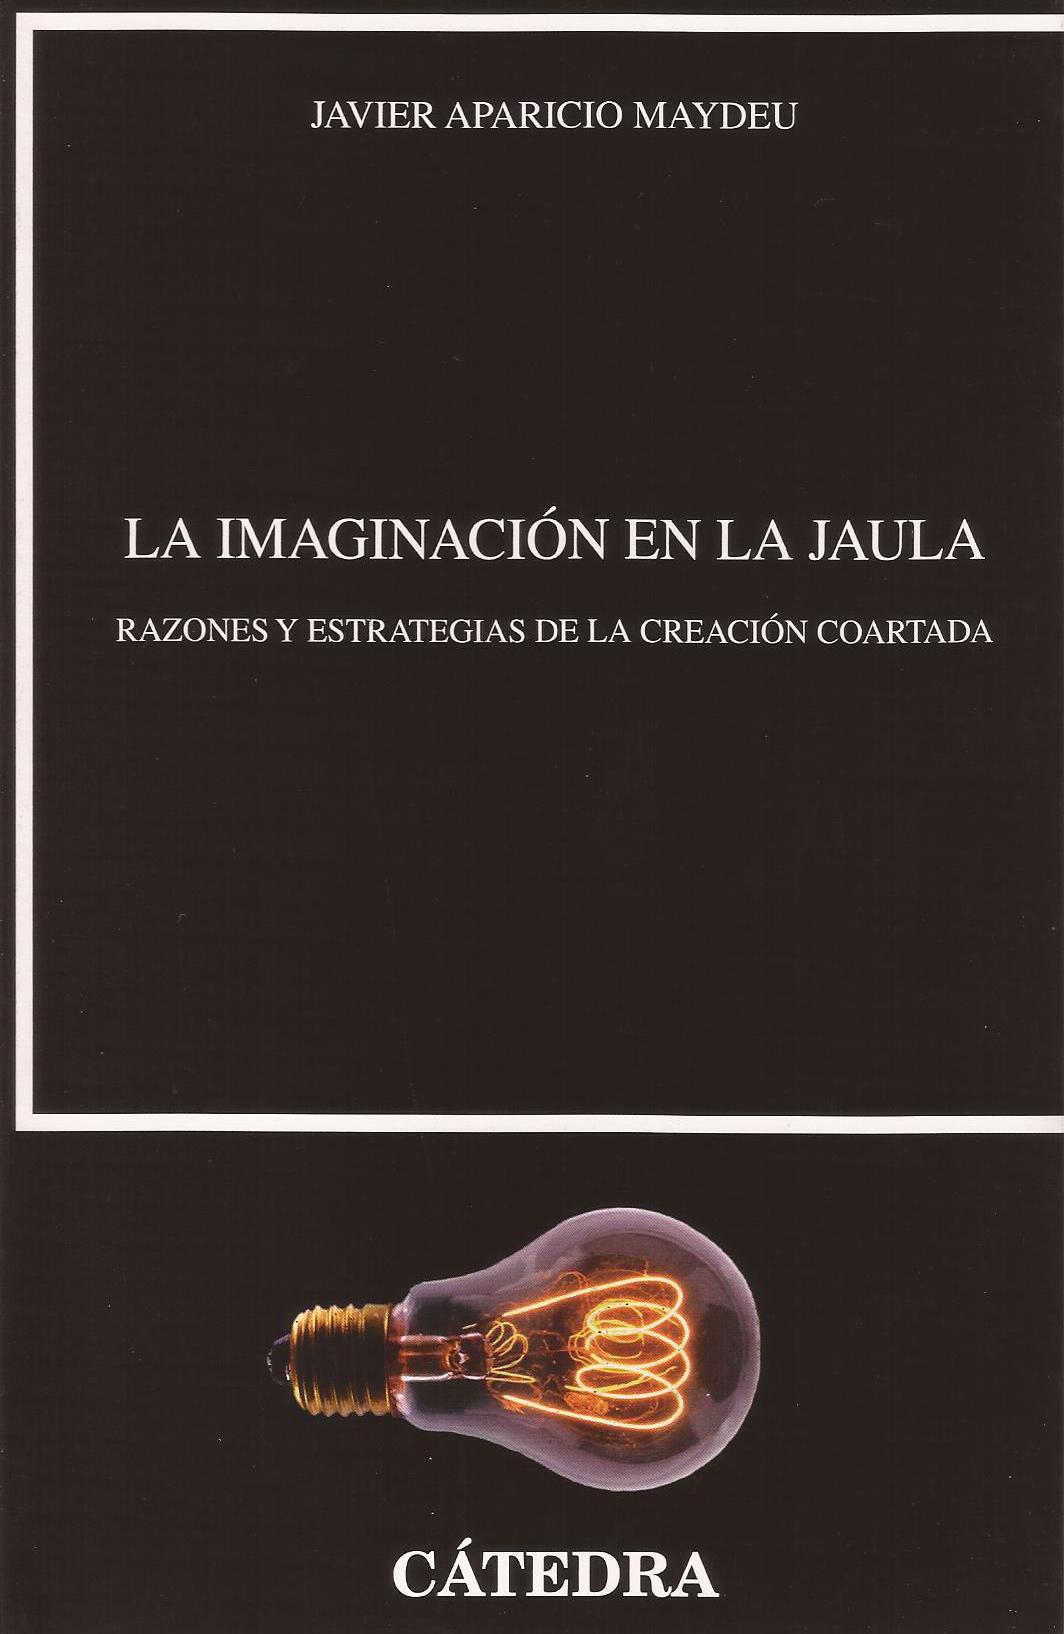 Llibre Javier Aparicio